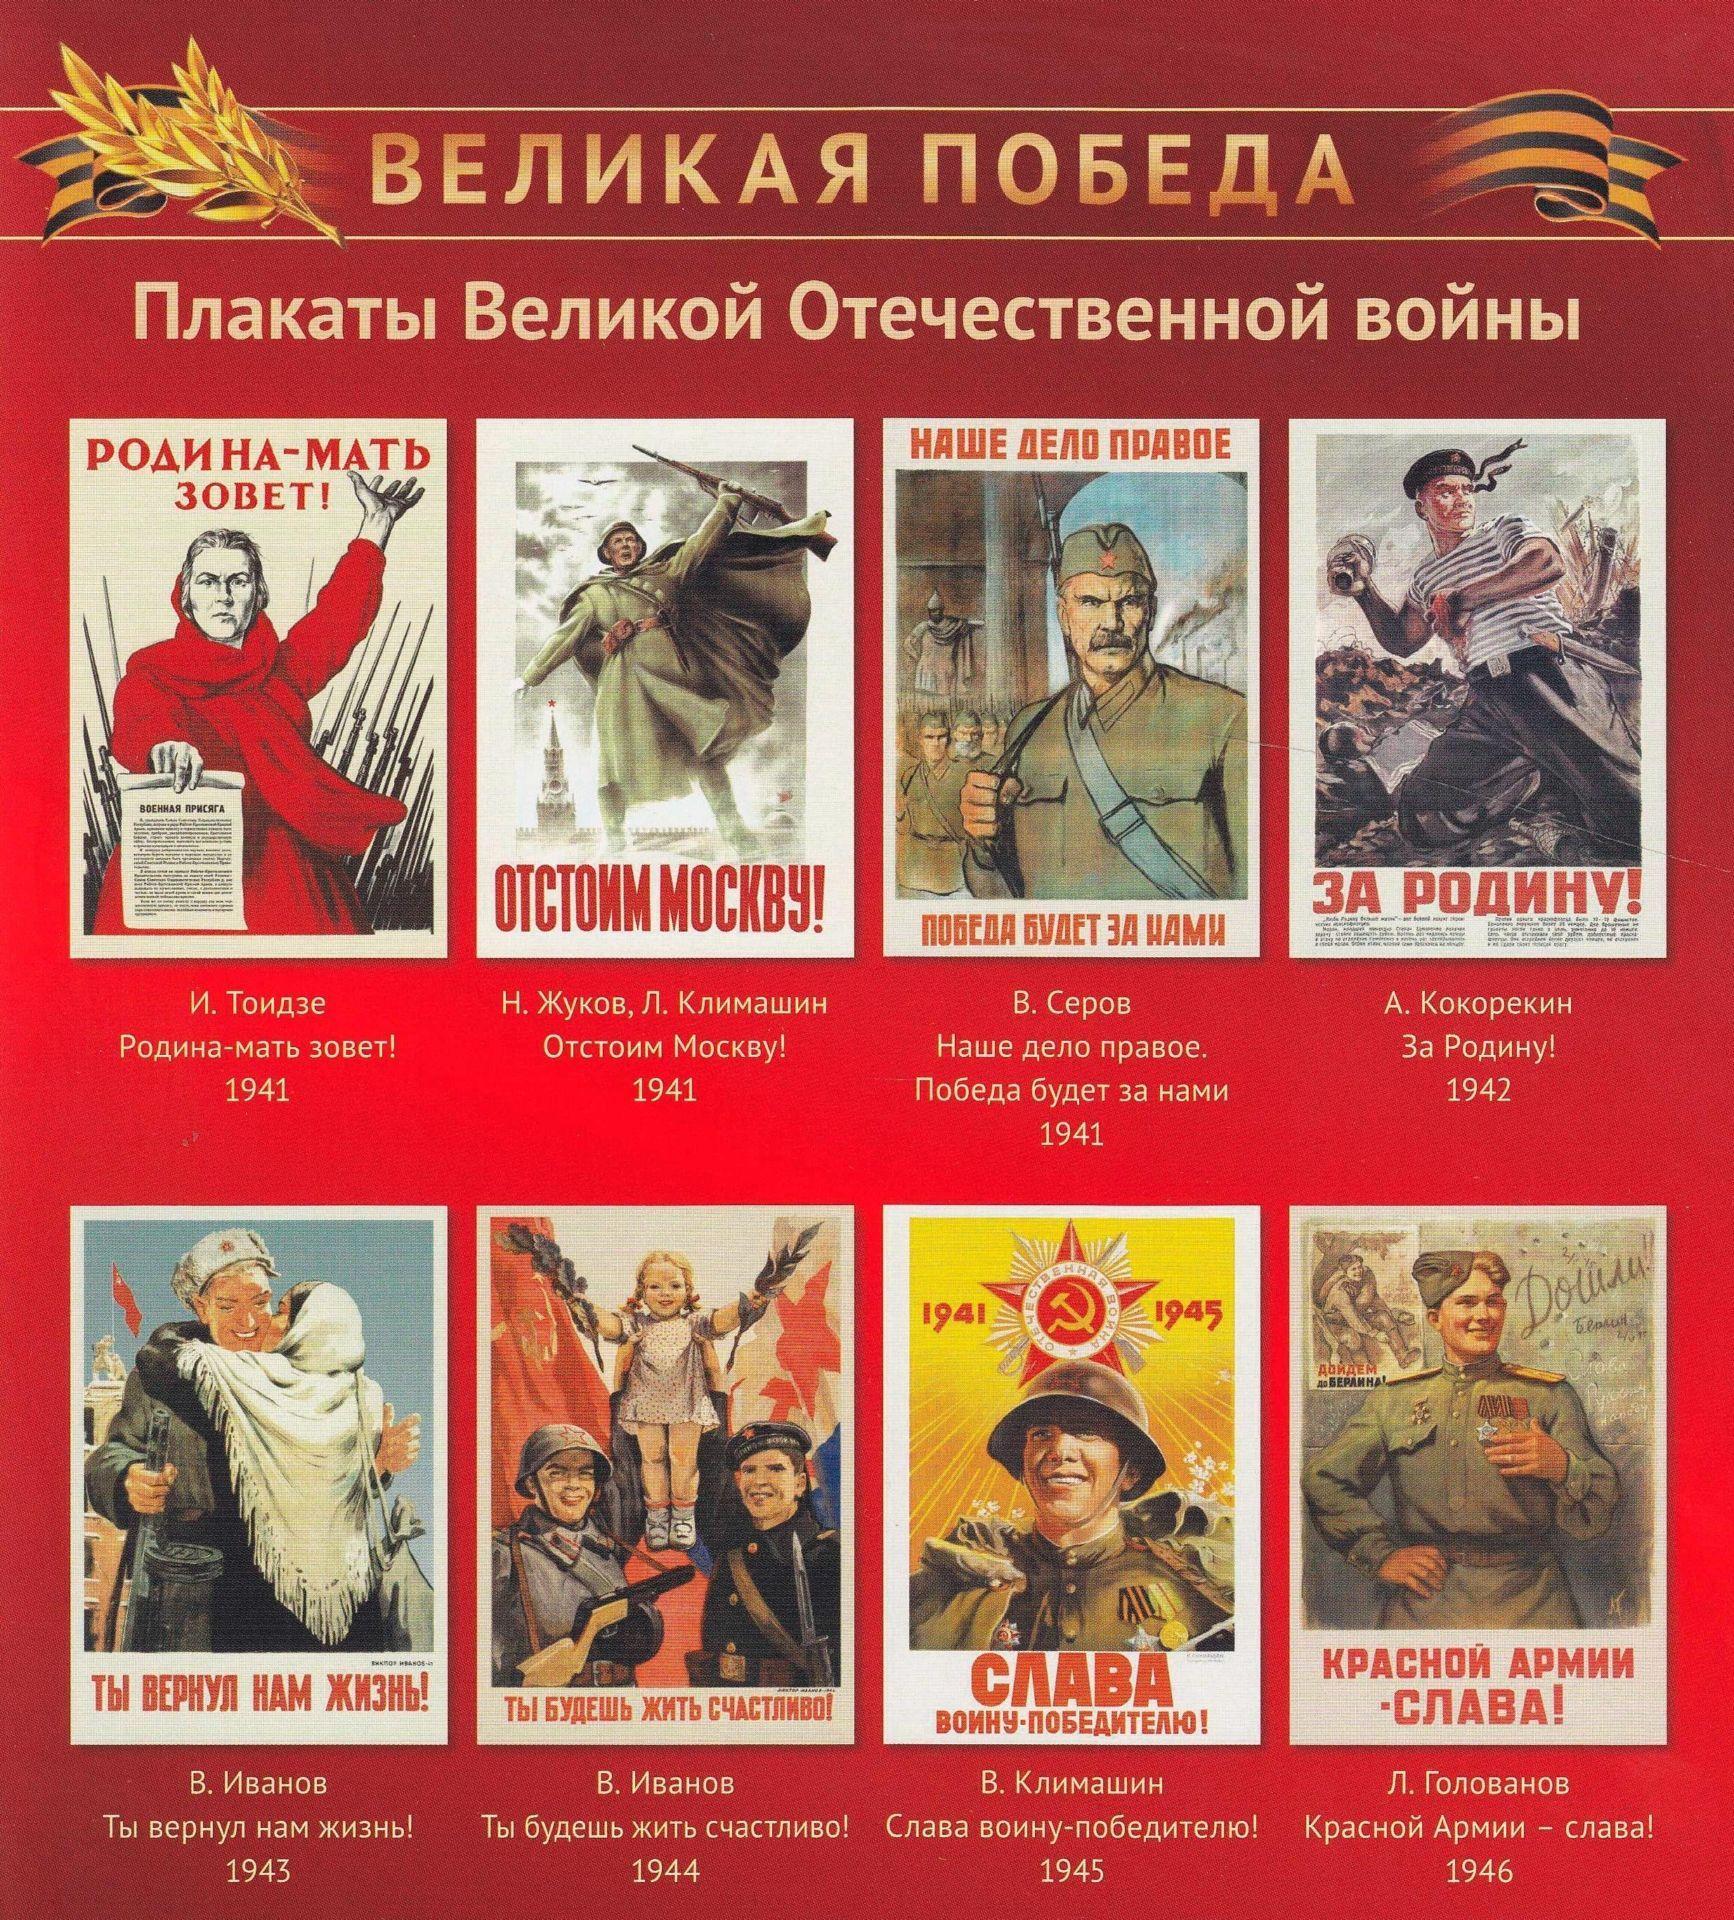 Великая Победа. Плакаты Великой Отечественной войны (8 плакатов А3)9 Мая<br>.<br><br>Год: 2017<br>Высота: 500<br>Ширина: 340<br>Толщина: 5